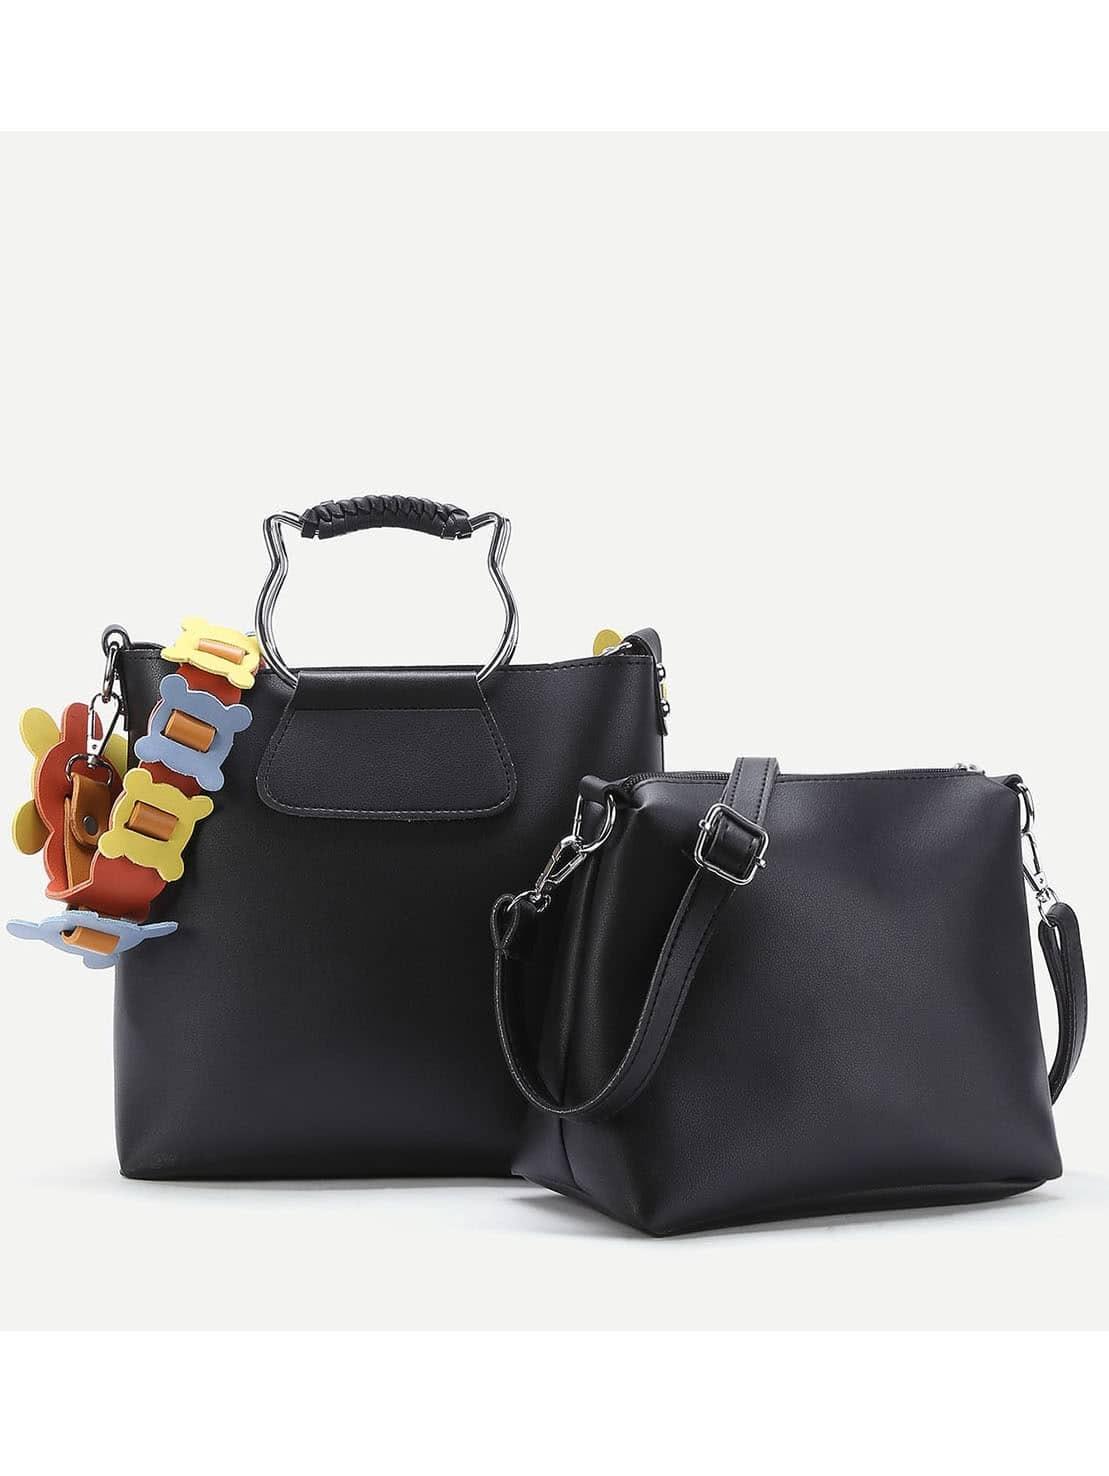 Фото Contrast Strap PU Combination Bag With Cat Ear Handle. Купить с доставкой